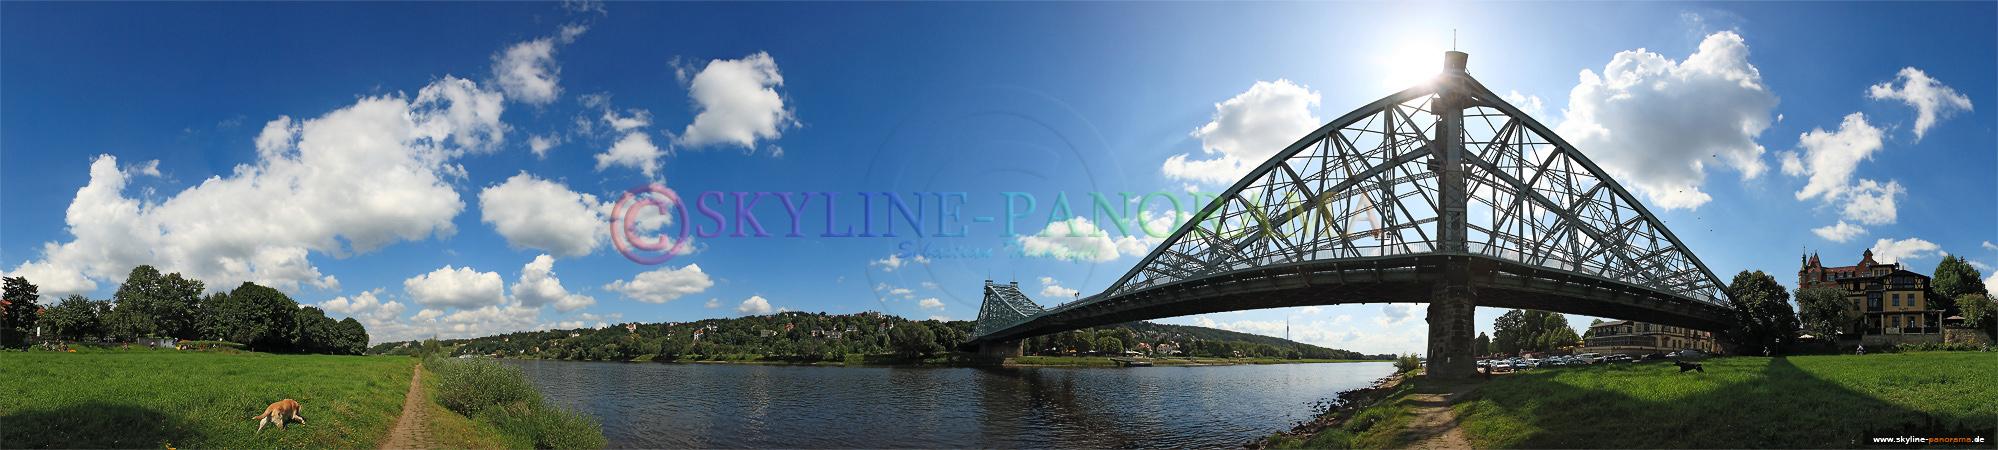 Bilder aus Dresden - Das Dresdner Elbuferpanorama mit der Löschwitzer Brücke, die auch als Blaues Wunder bekannt ist.